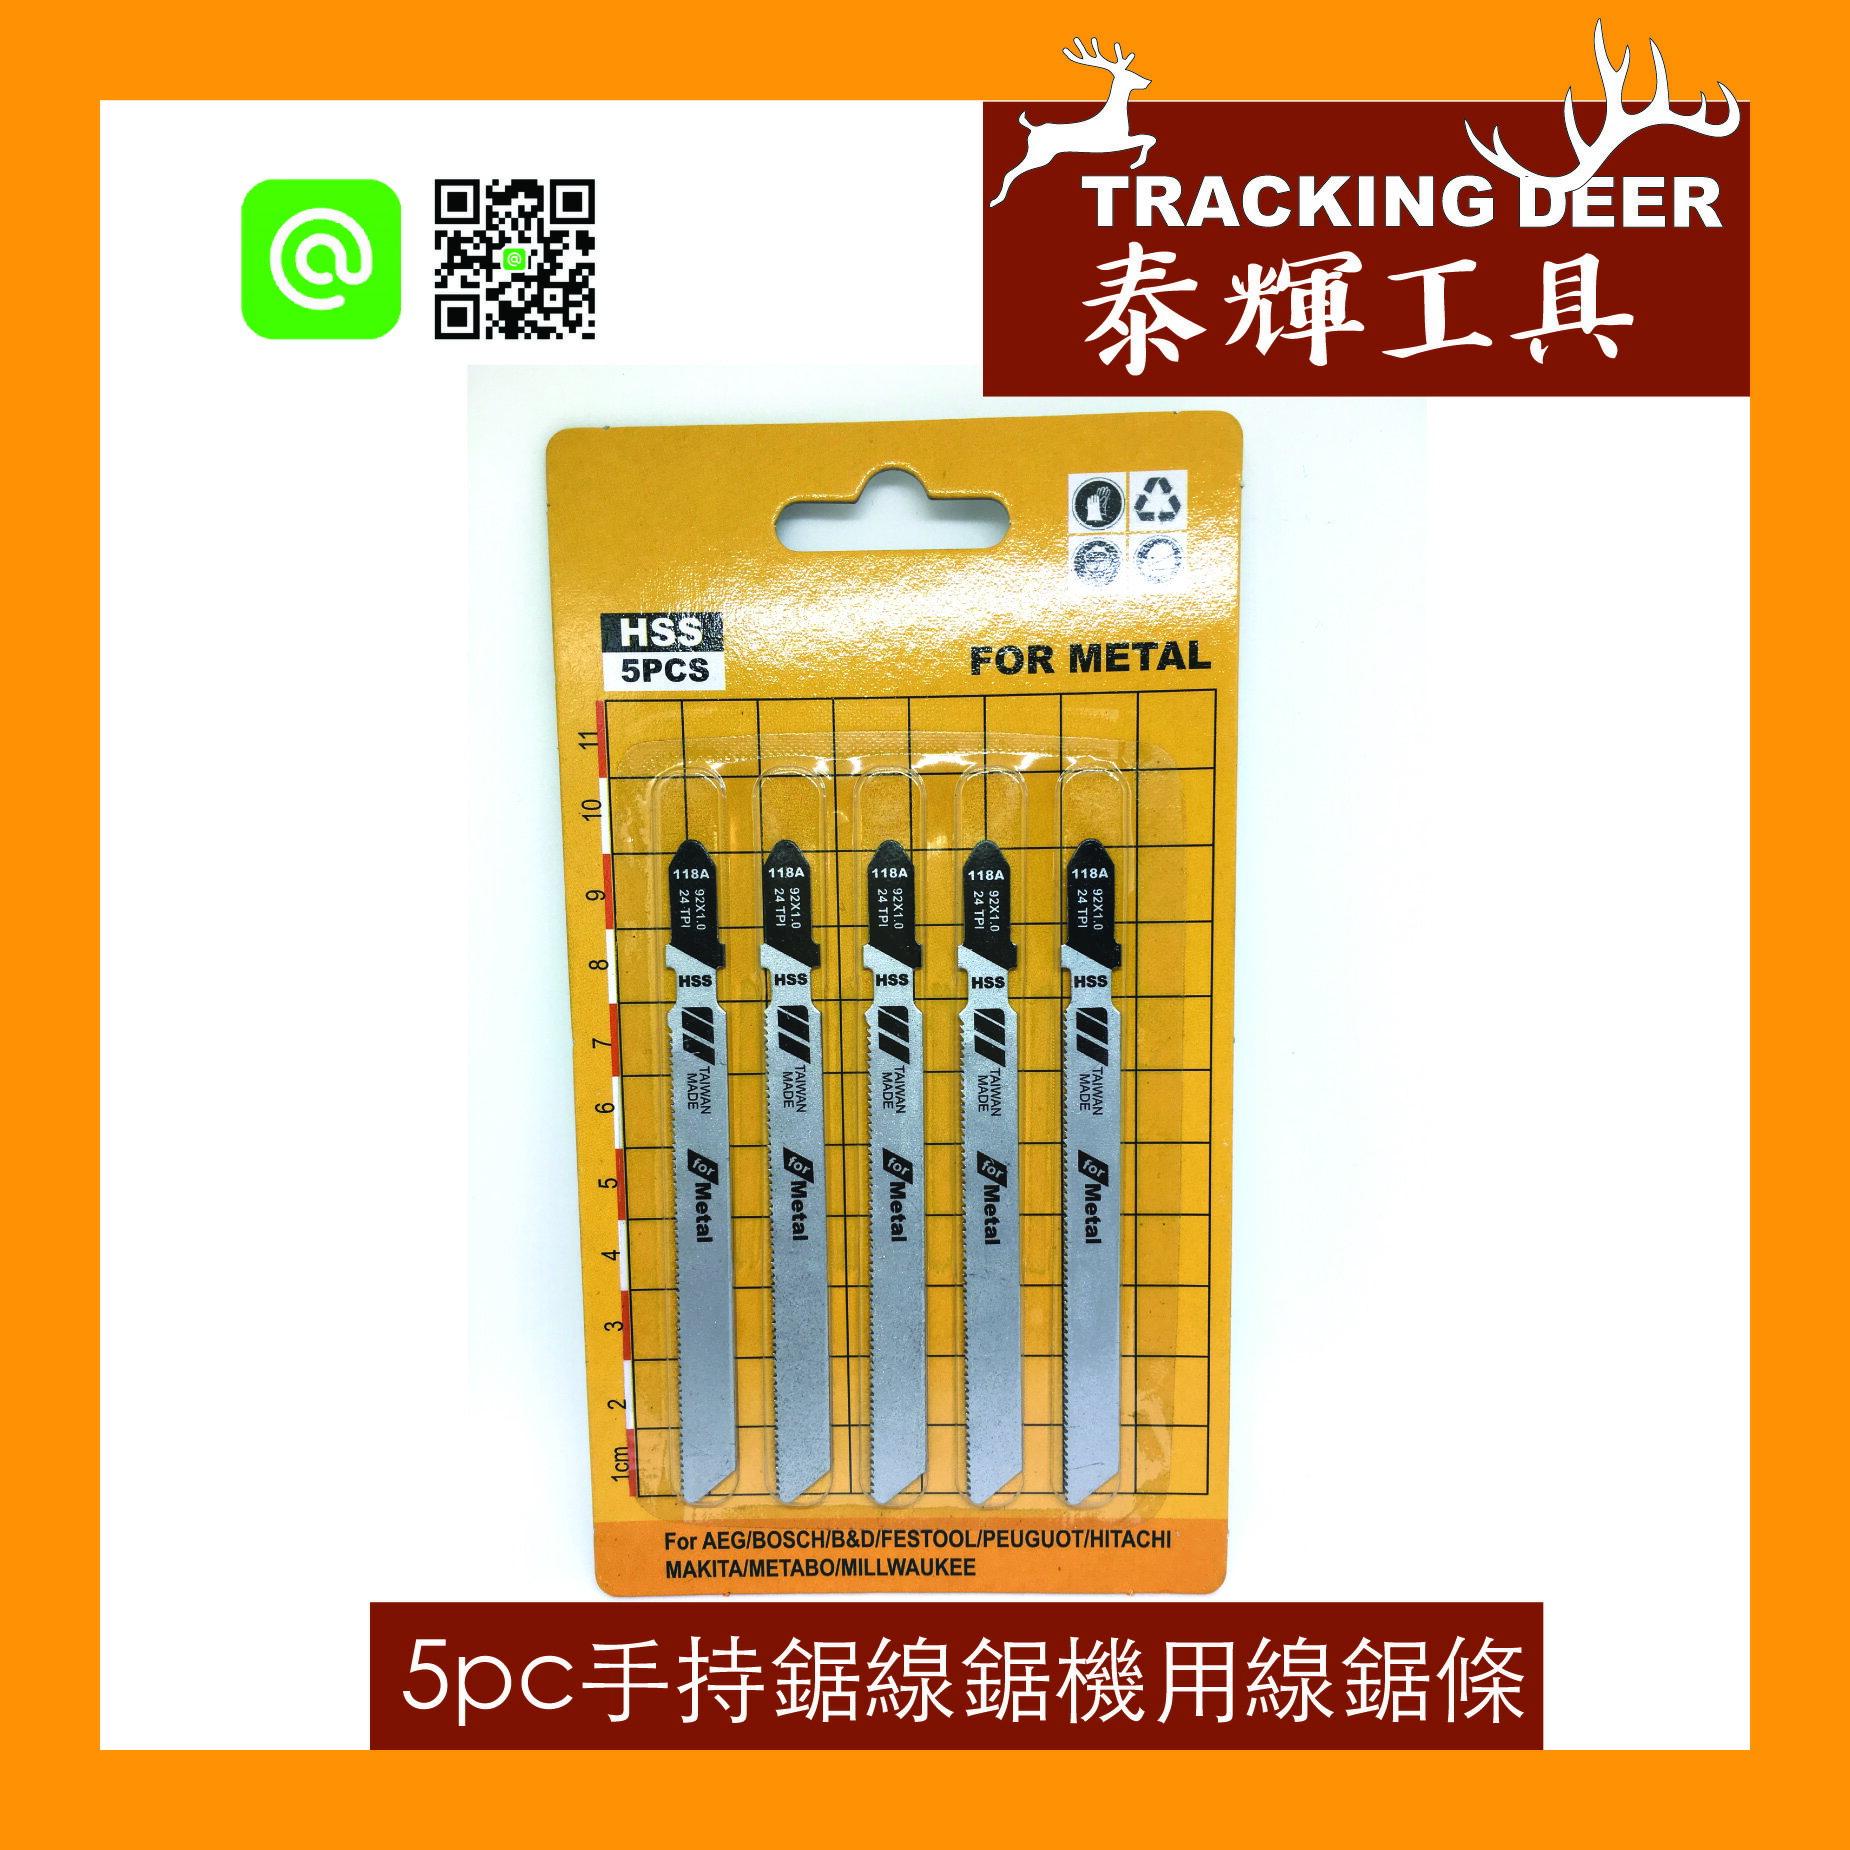 台灣製造 金工用 金屬用 Bosch規格【T118A】線鋸片 曲線鋸 手持線鋸機適用(5支/組)